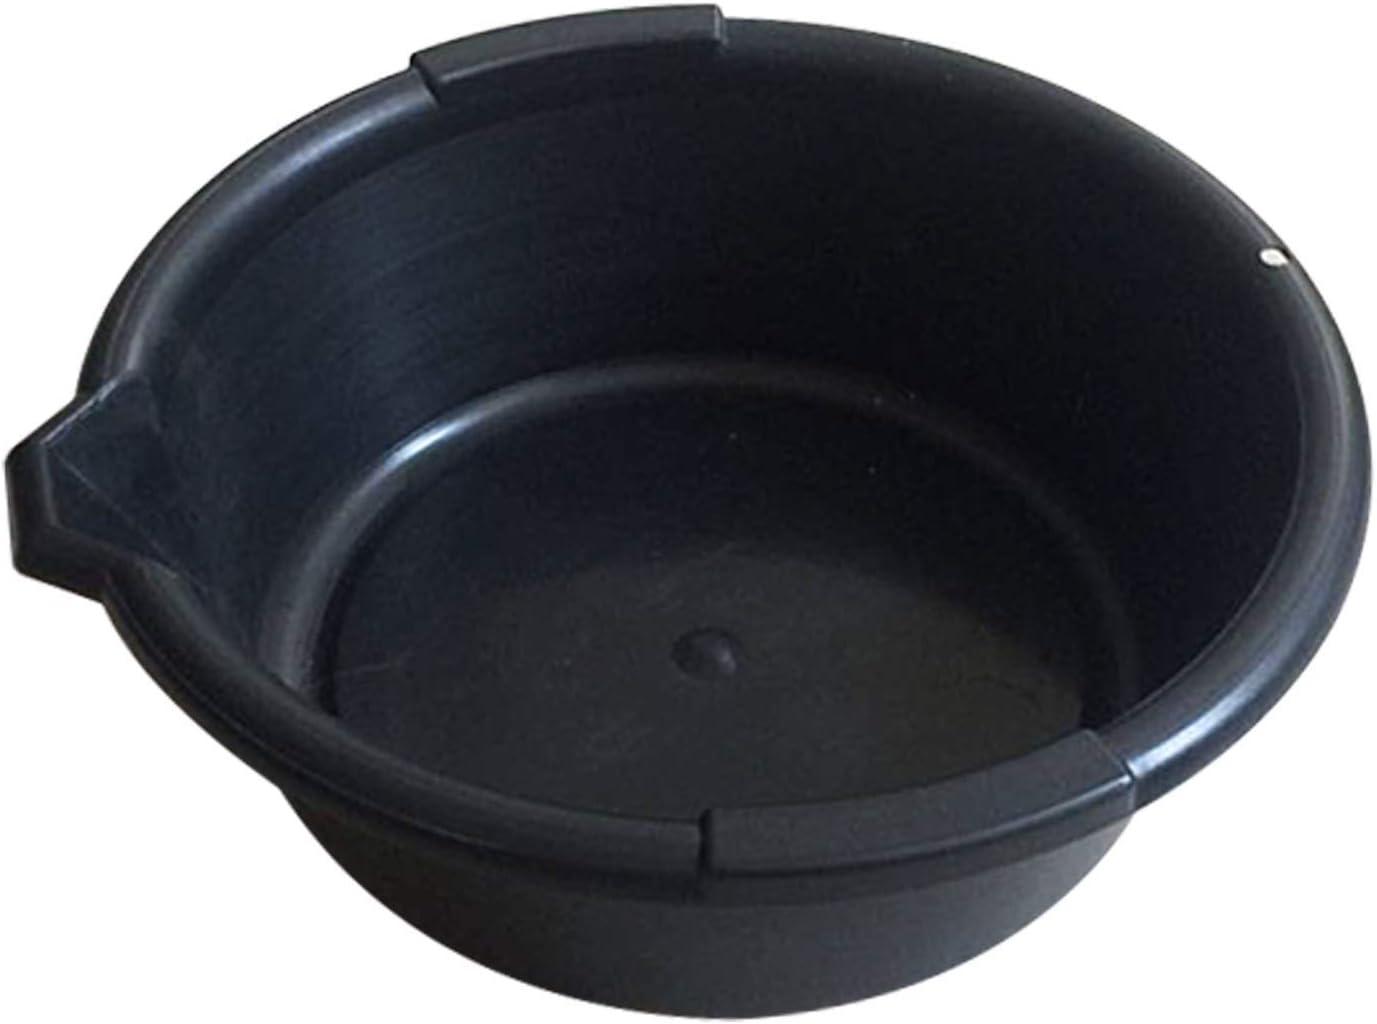 Bac de r/écup/ération d/'Huile avec Bec verseur 6 litres Capacit/é /Ø 32cm Carter Collecteur Huiles